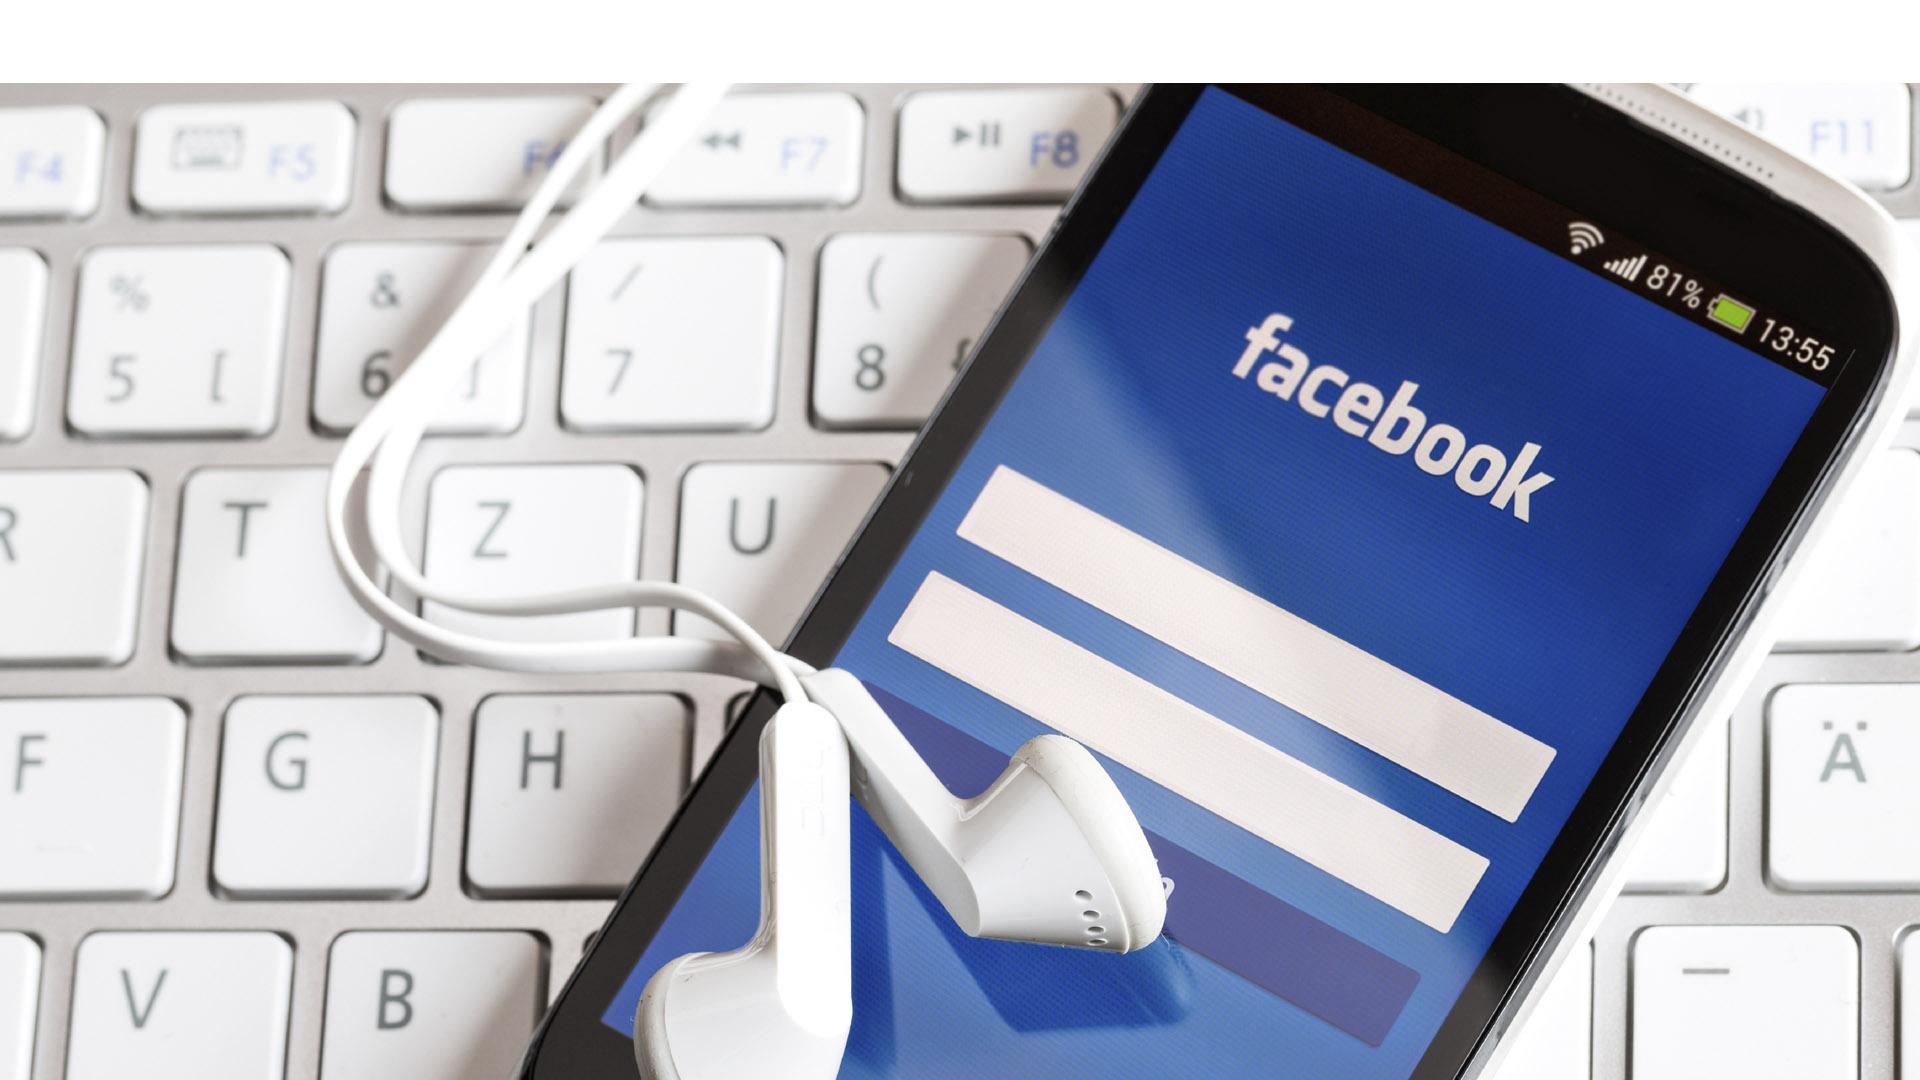 Usuarios de la red social podrán ver ciertas publicaciones y escribir un comentario, el cual será publicado cuando ya tengan Internet